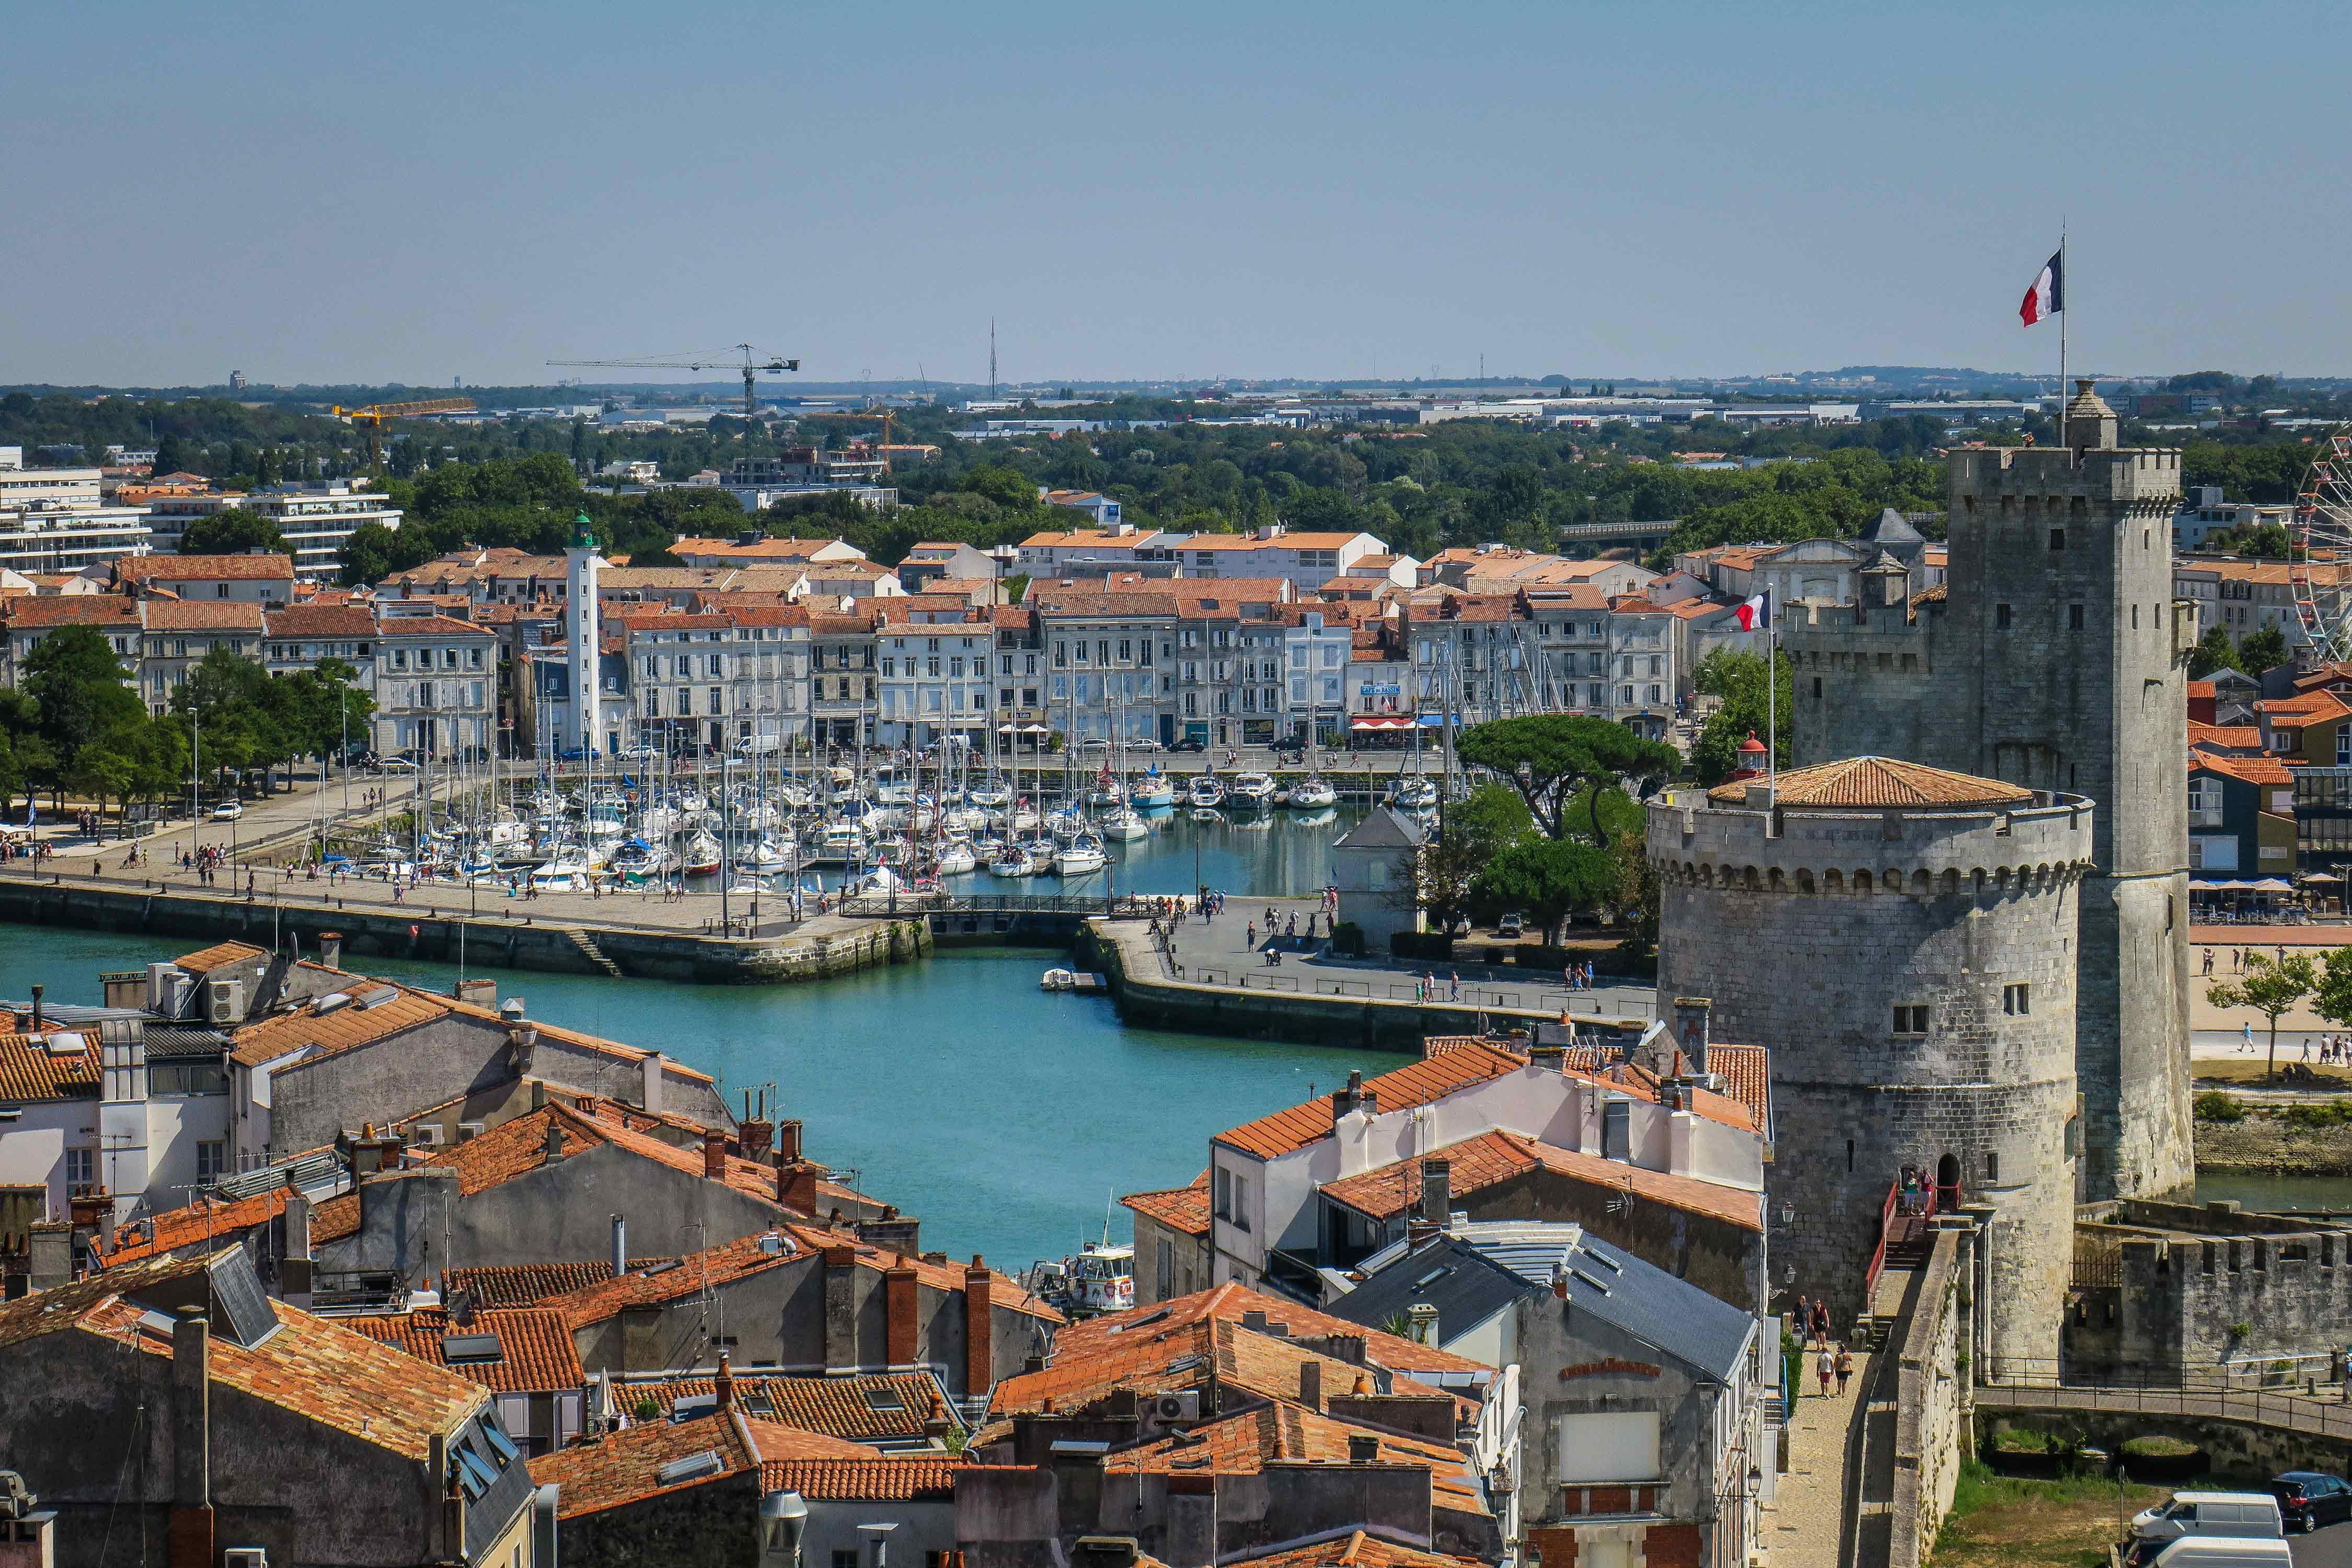 Port de La Rochelle vu de haut avec toit en tuile orangée